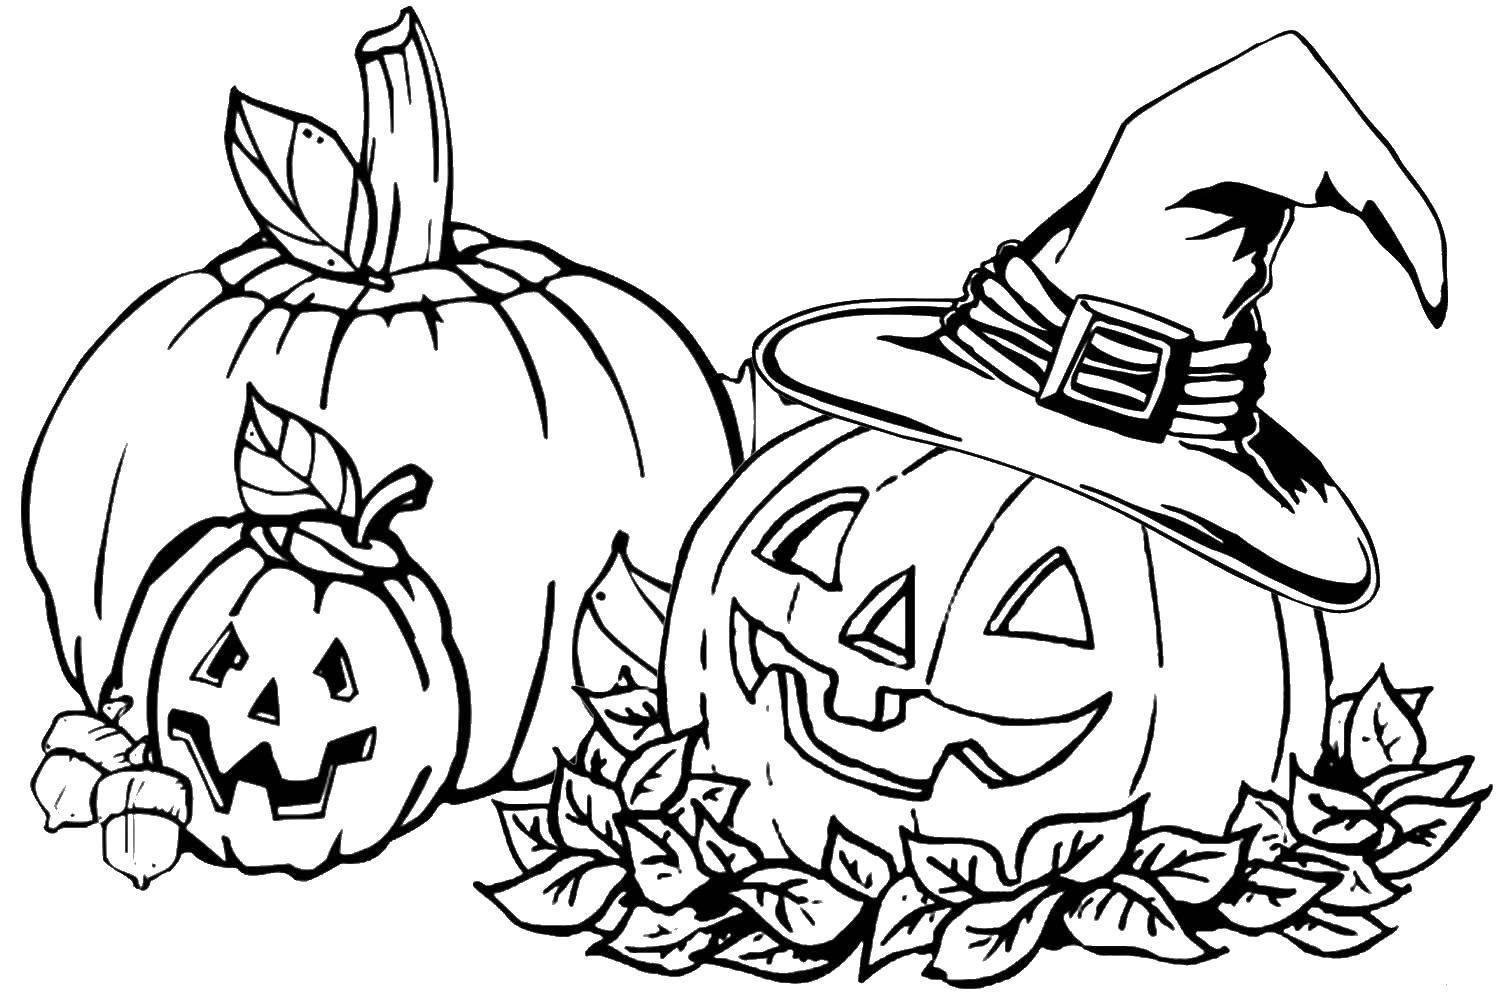 Раскраска Хэллоуинская тыква в шляпке ведьмы. Скачать Хэллоуин, тыква.  Распечатать ,Хэллоуин,